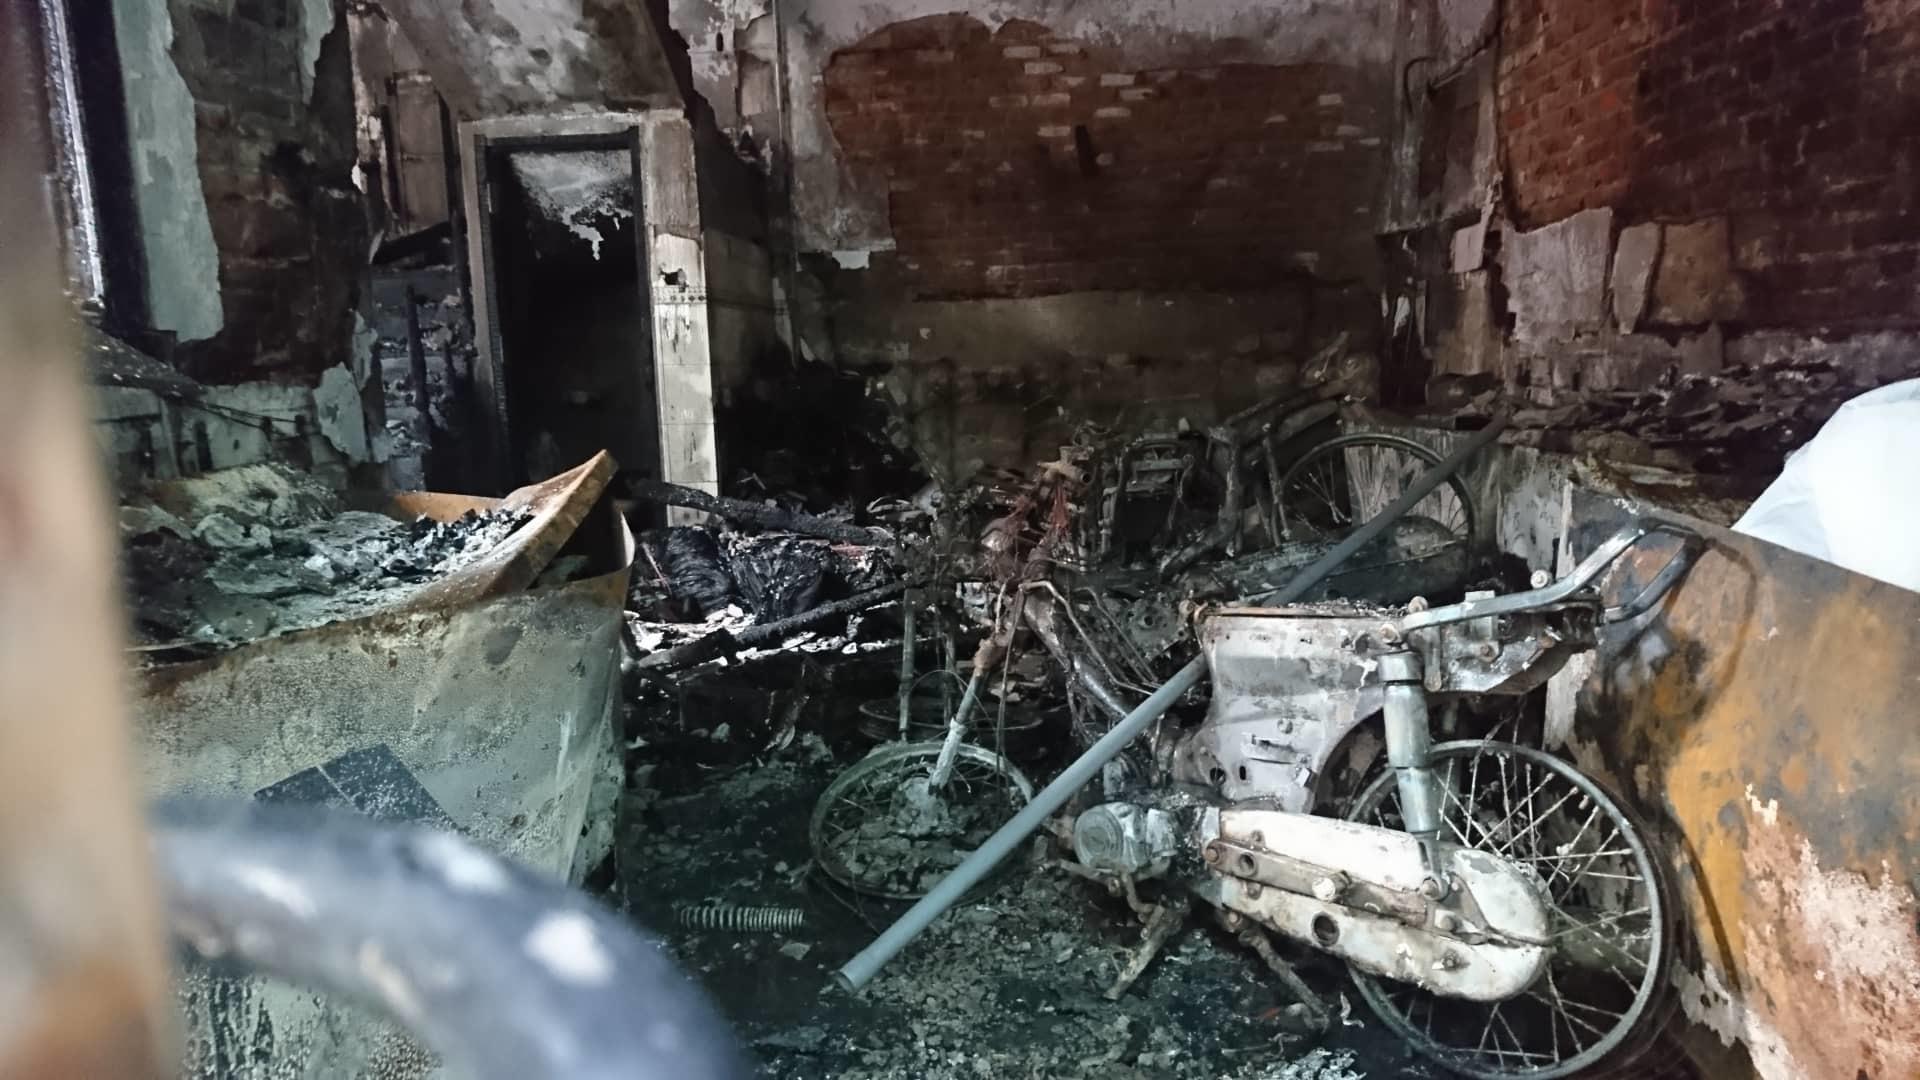 Hà Nội: Cháy nhà lúc rạng sáng, nhiều người nhập viện